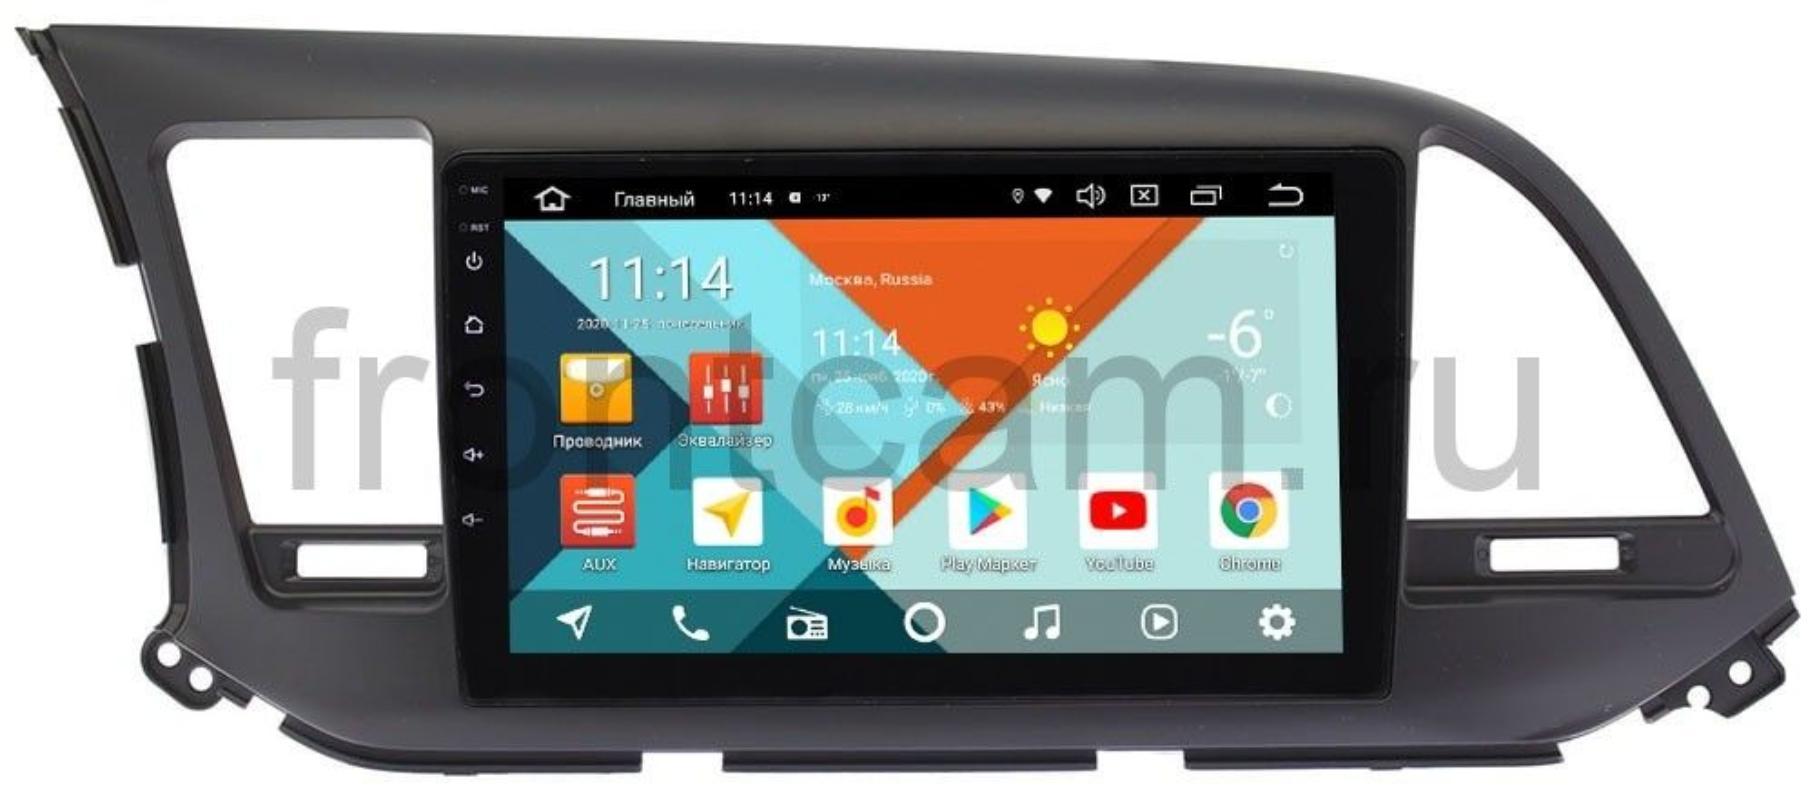 Штатная магнитола Hyundai Elantra VI (AD) 2016-2018 Wide Media KS9026QM-2/32 DSP CarPlay 4G-SIM для авто с камерой на Android 10 (+ Камера заднего вида в подарок!)